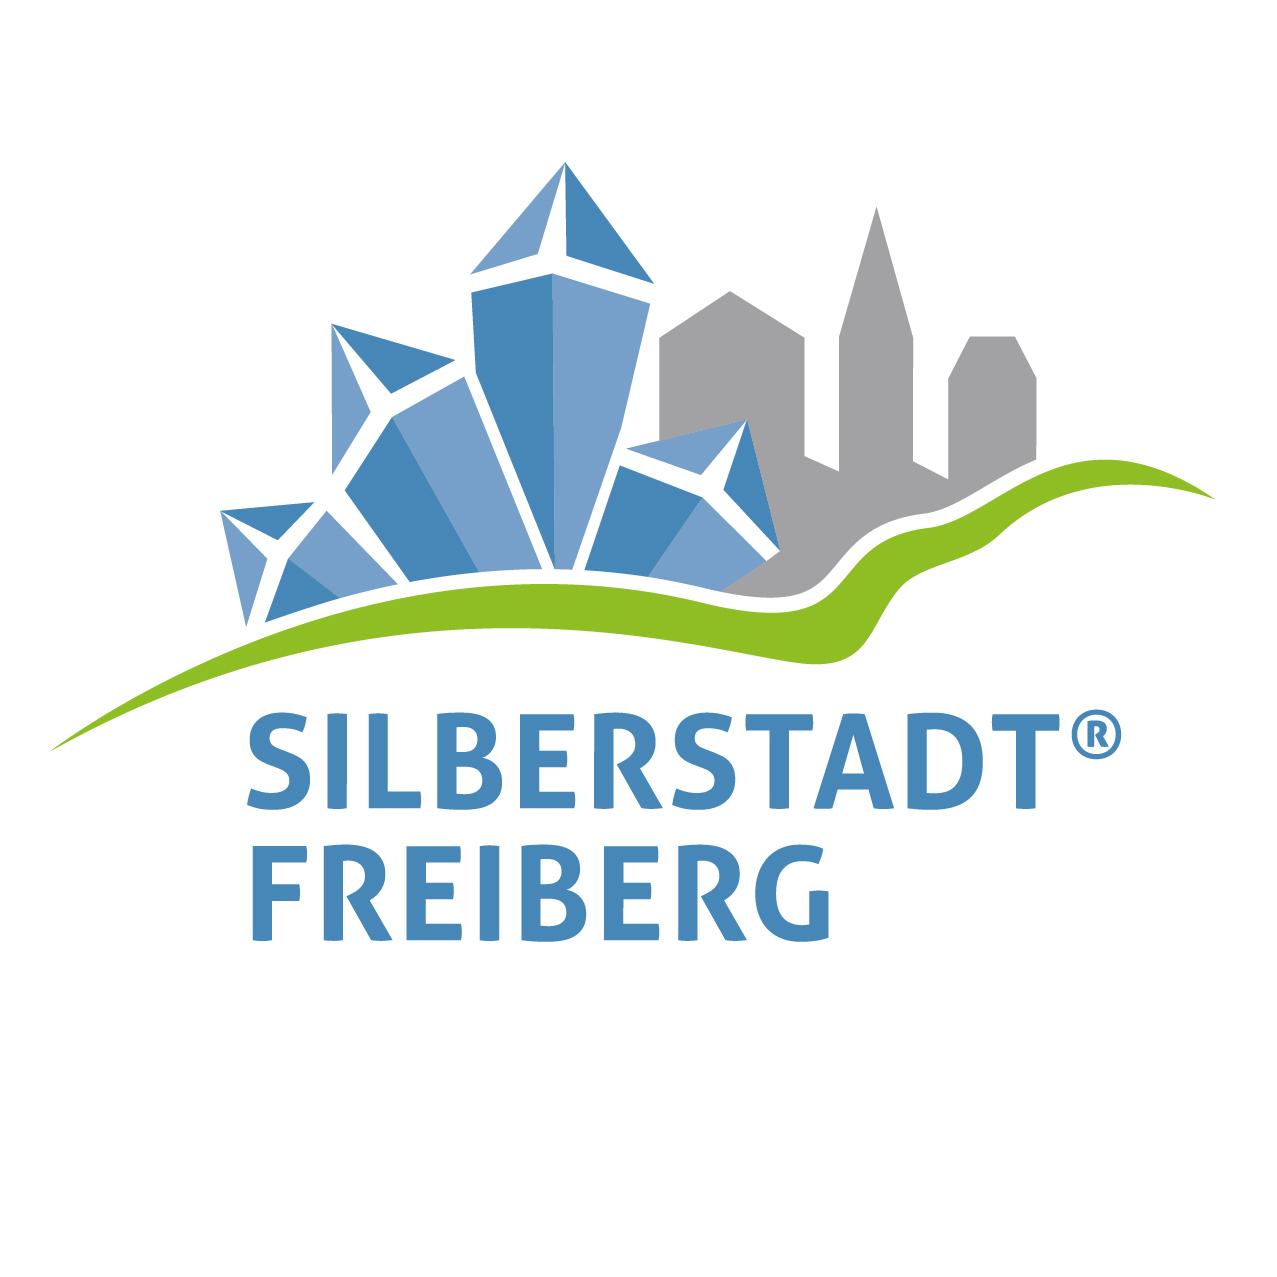 Silberstadt Freiberg